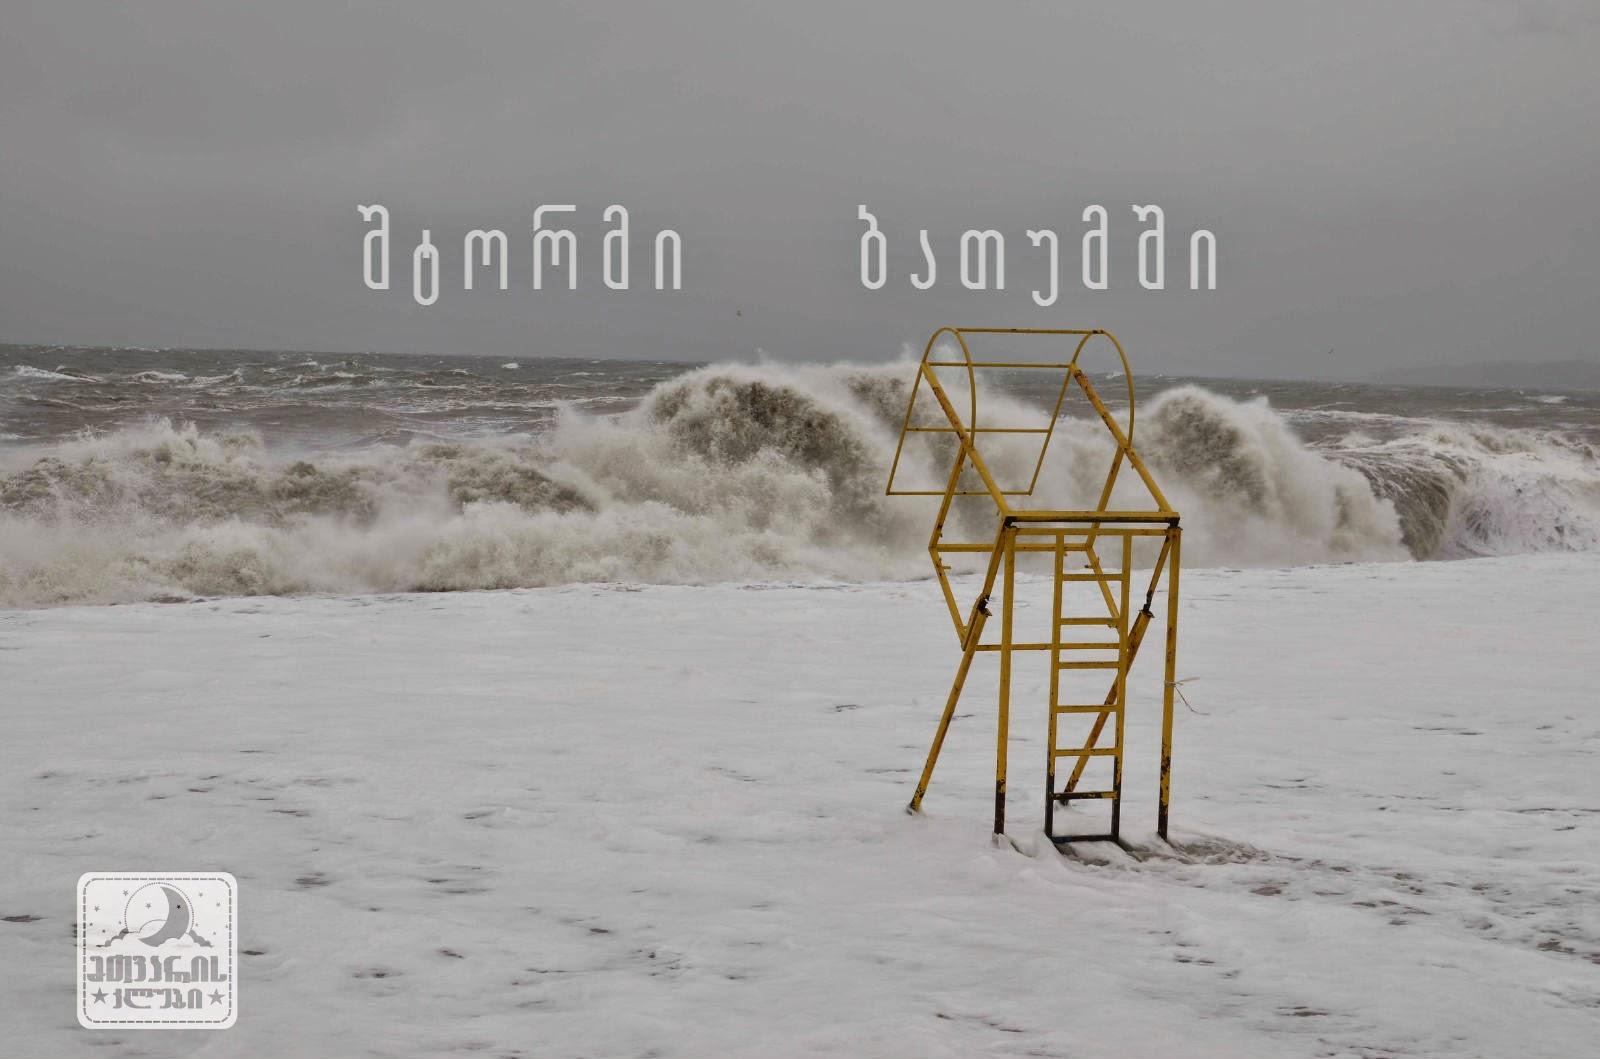 შტორმი ბათუმში 23.11.2014  Шторм в Батуми   Storm in Batumi